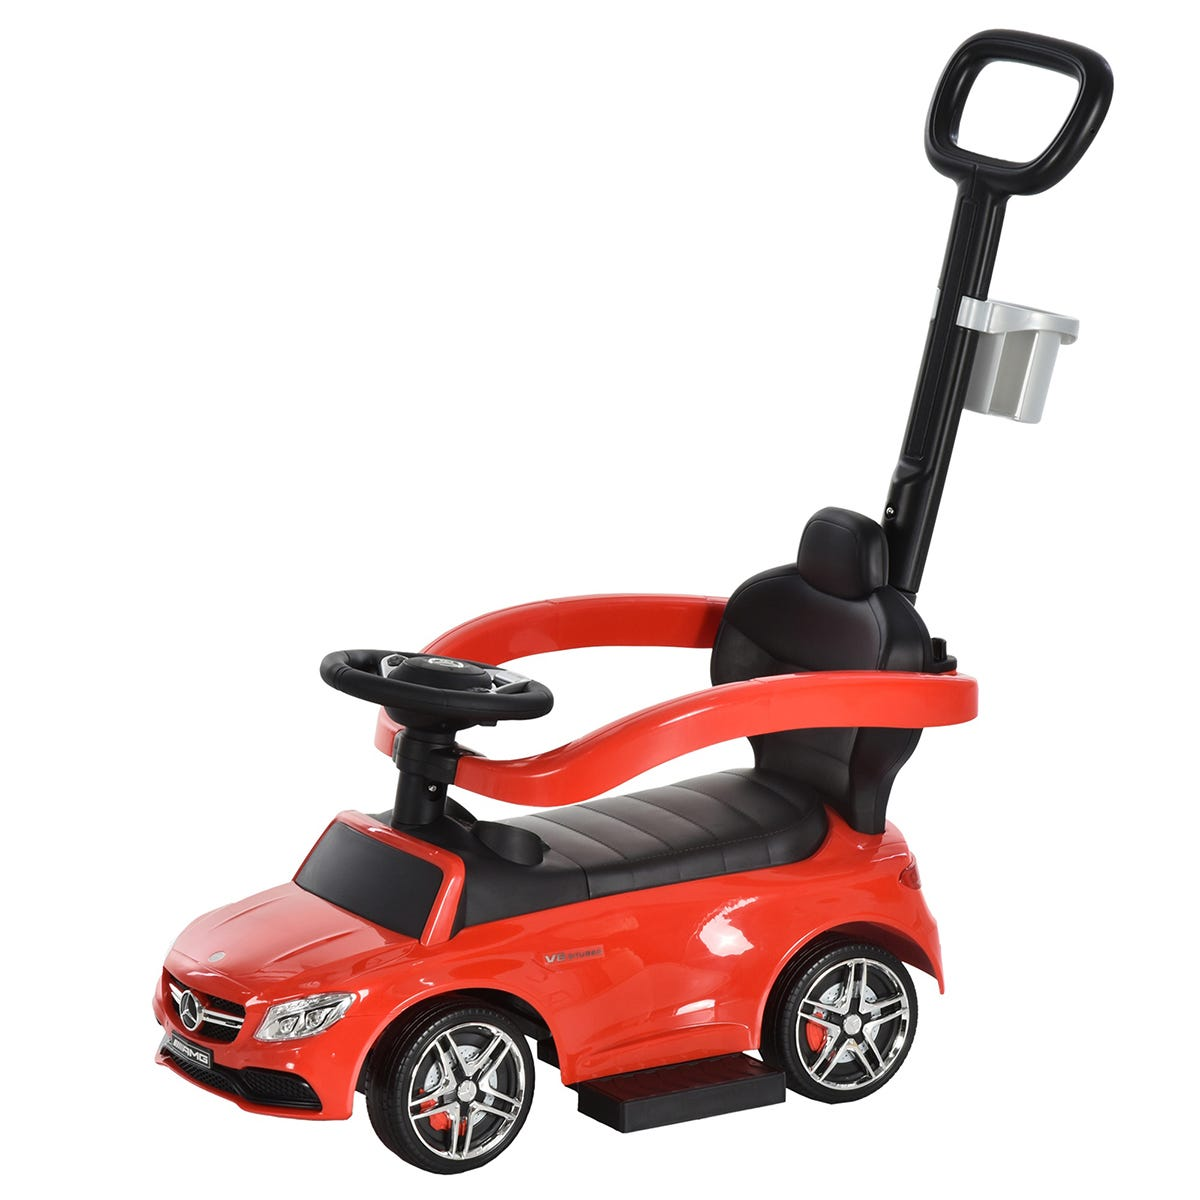 Reiten Kids Mercedes-Benz Ride-On Stroller Car with Storage - Red